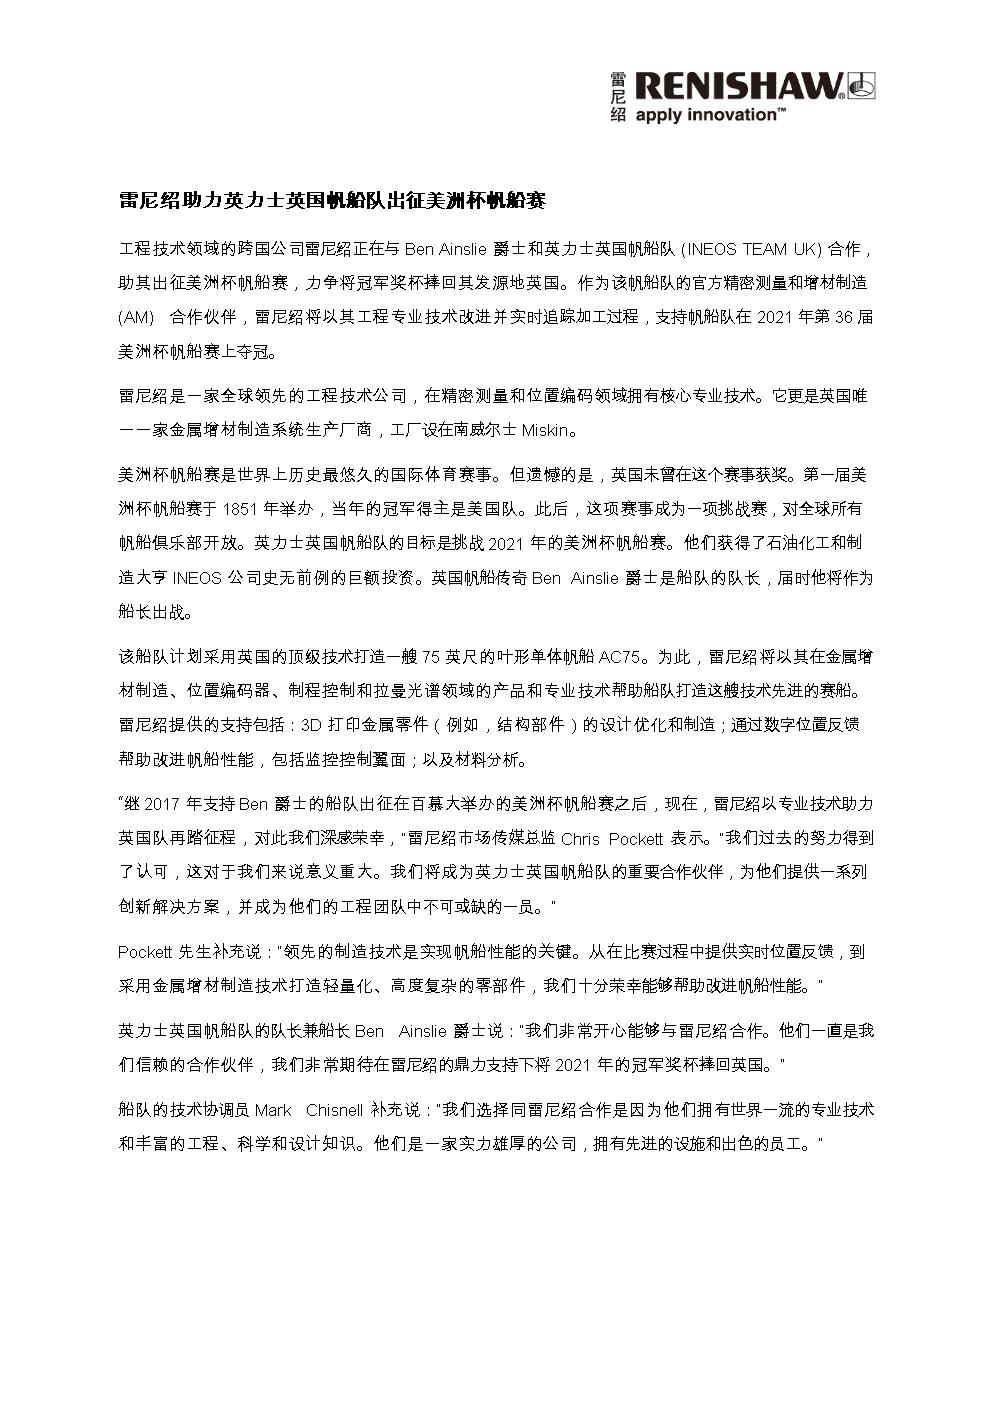 雷尼绍助力英力士英国帆船队出征美洲杯帆船赛.doc